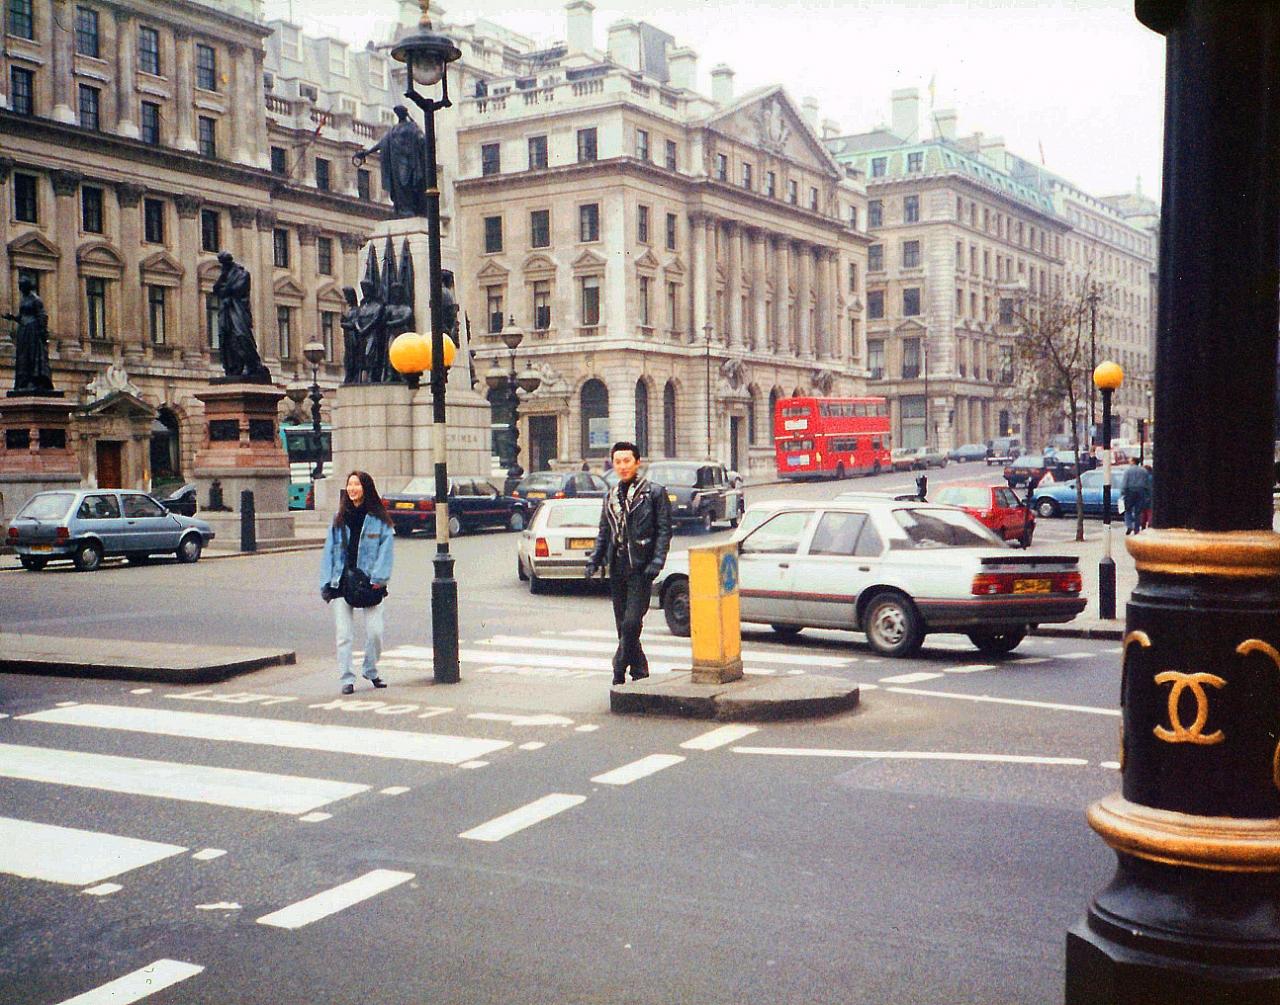 歩くだけで楽しかったロンドンの街並